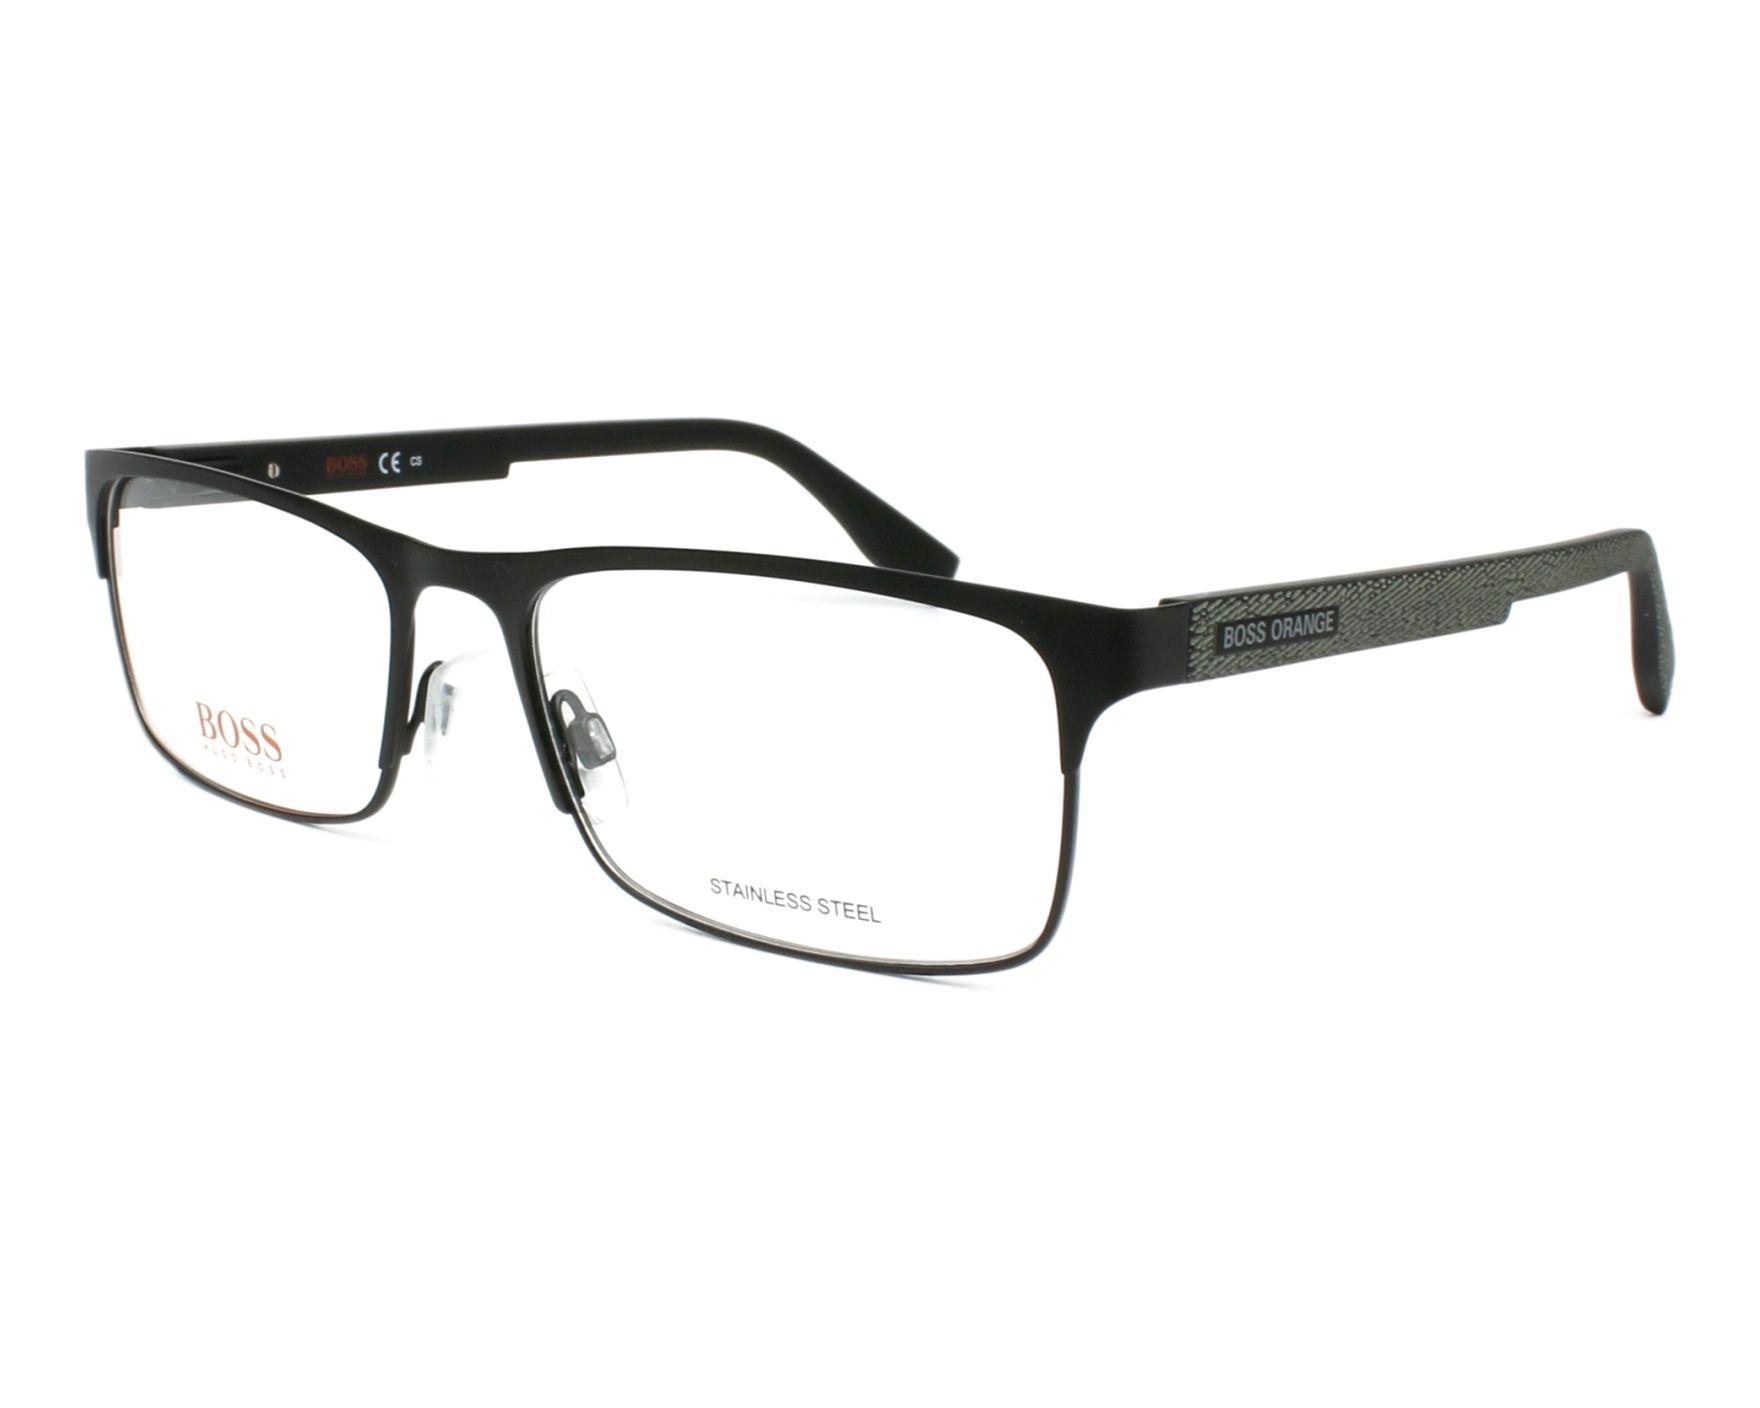 af1e297706 Boss Orange Glasses